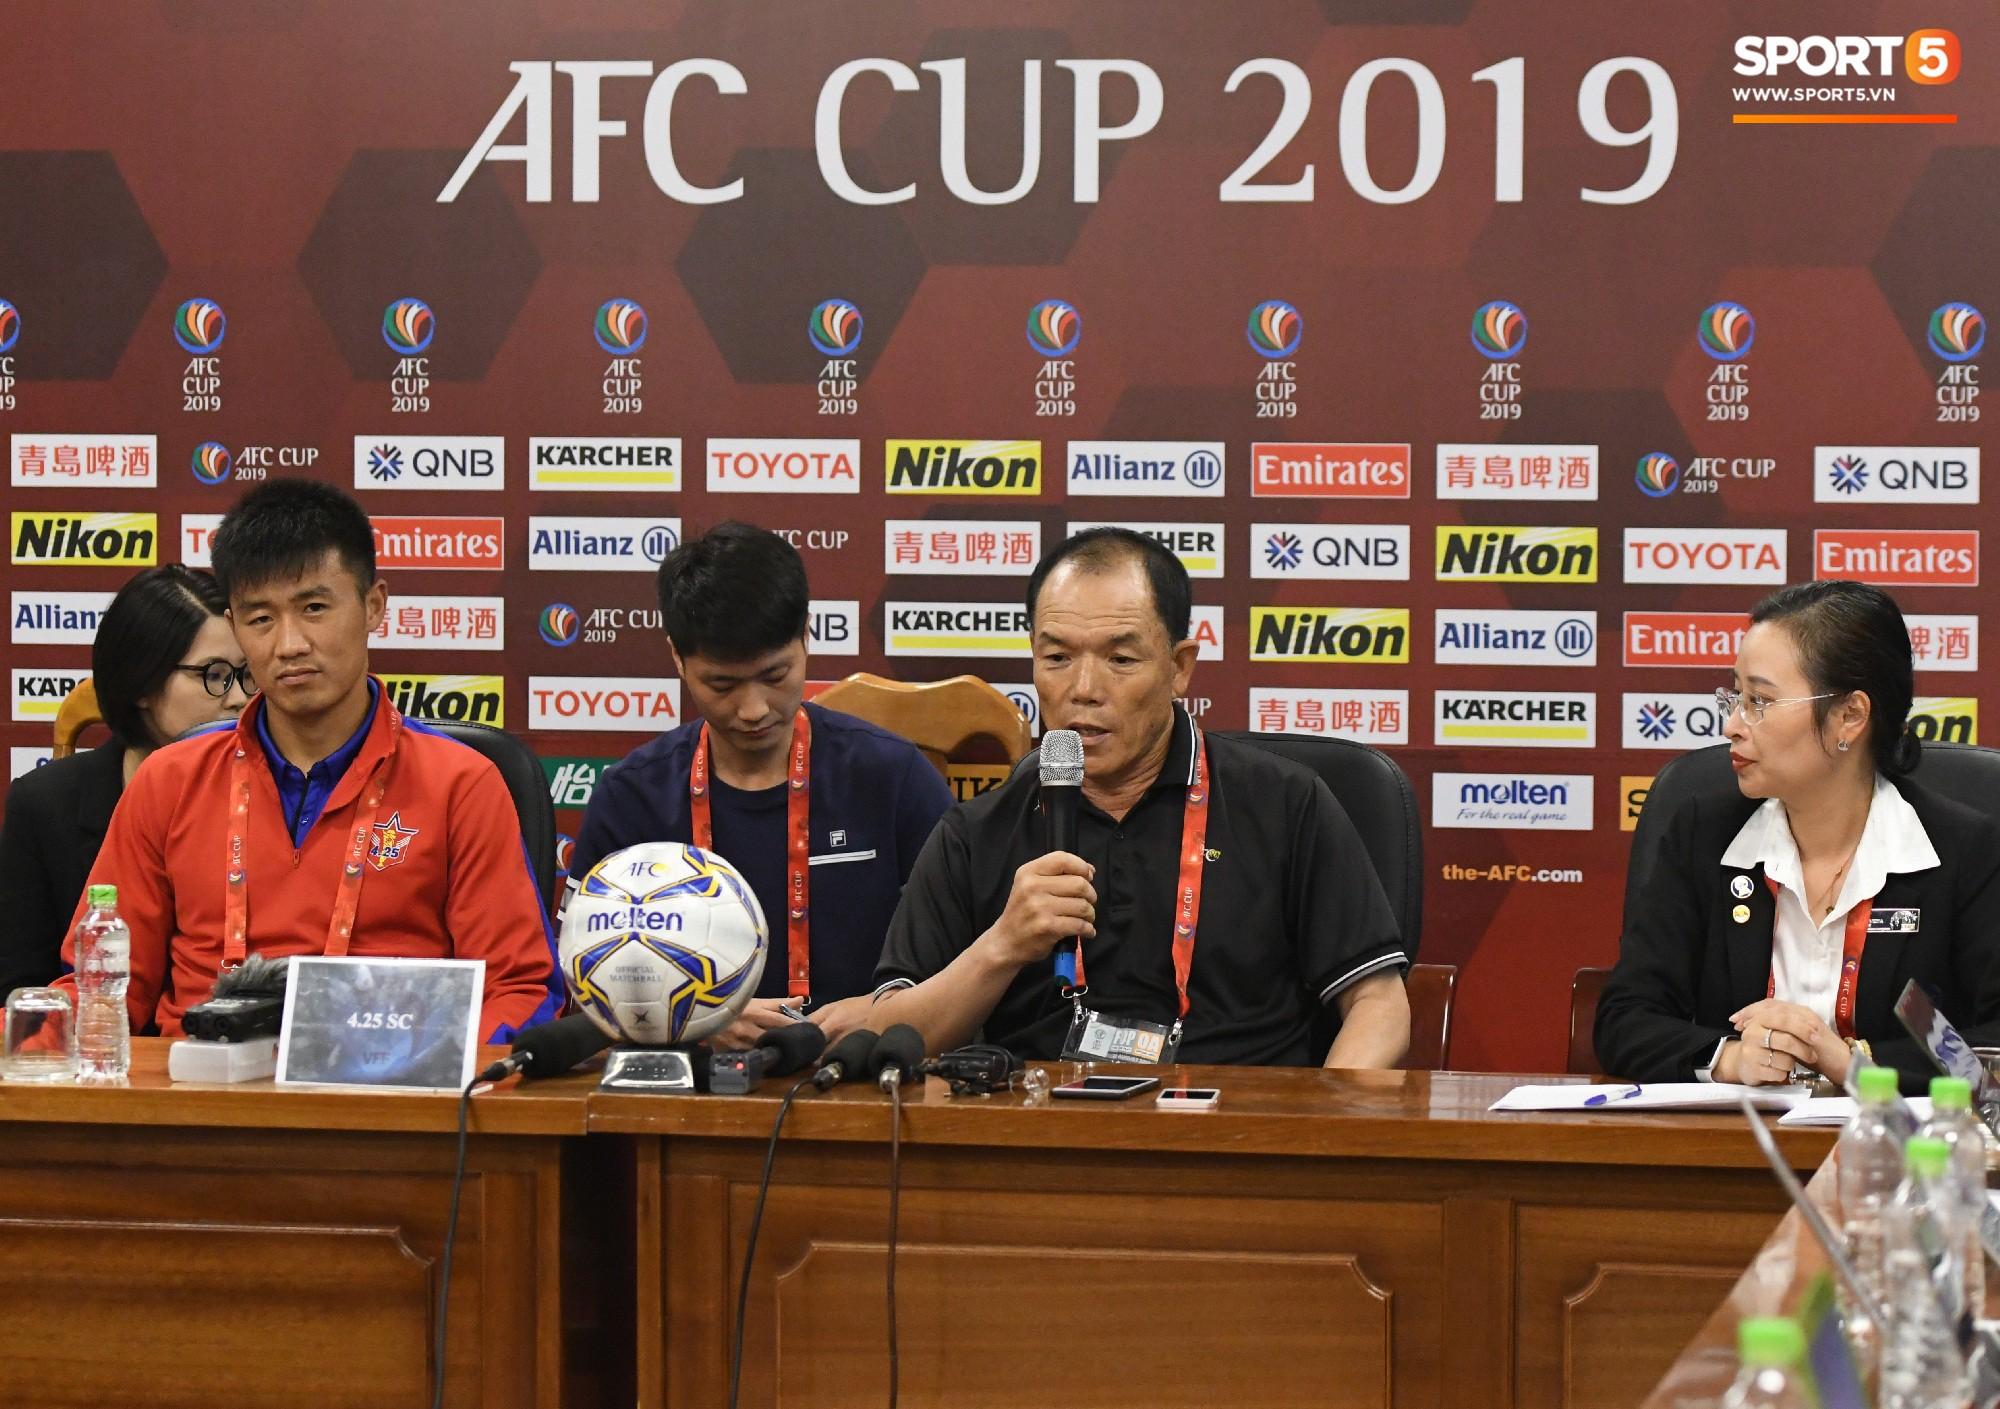 Hà Nội FC và đối thủ tại chung kết liên khu vực AFC Cup đối đầu trong bối cảnh không biết gì về nhau - Ảnh 2.